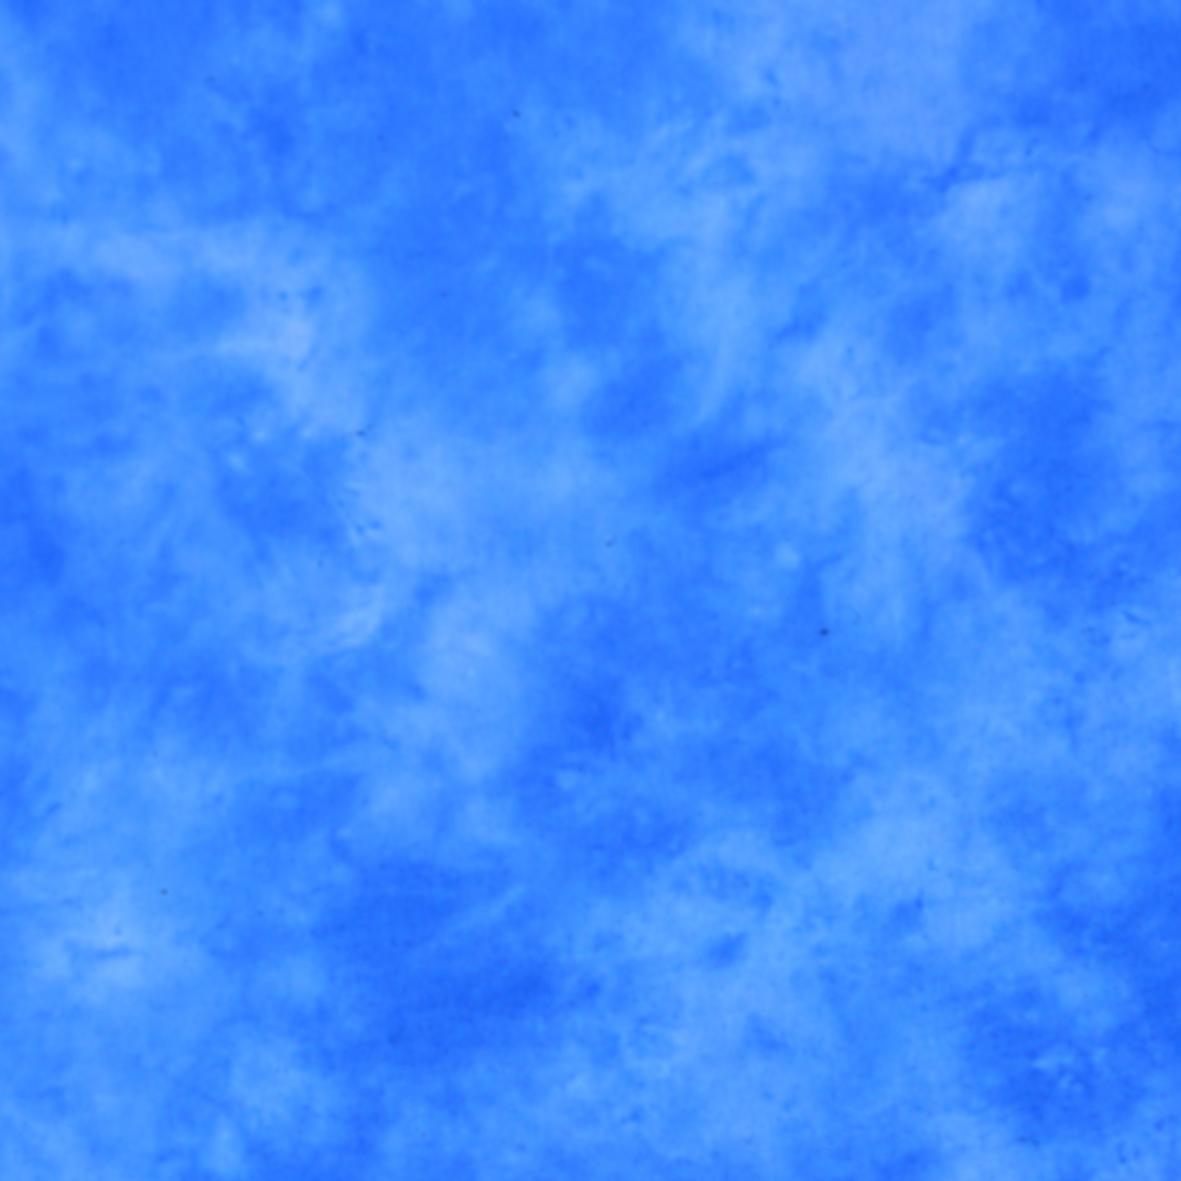 Картинки фон синий однотонный